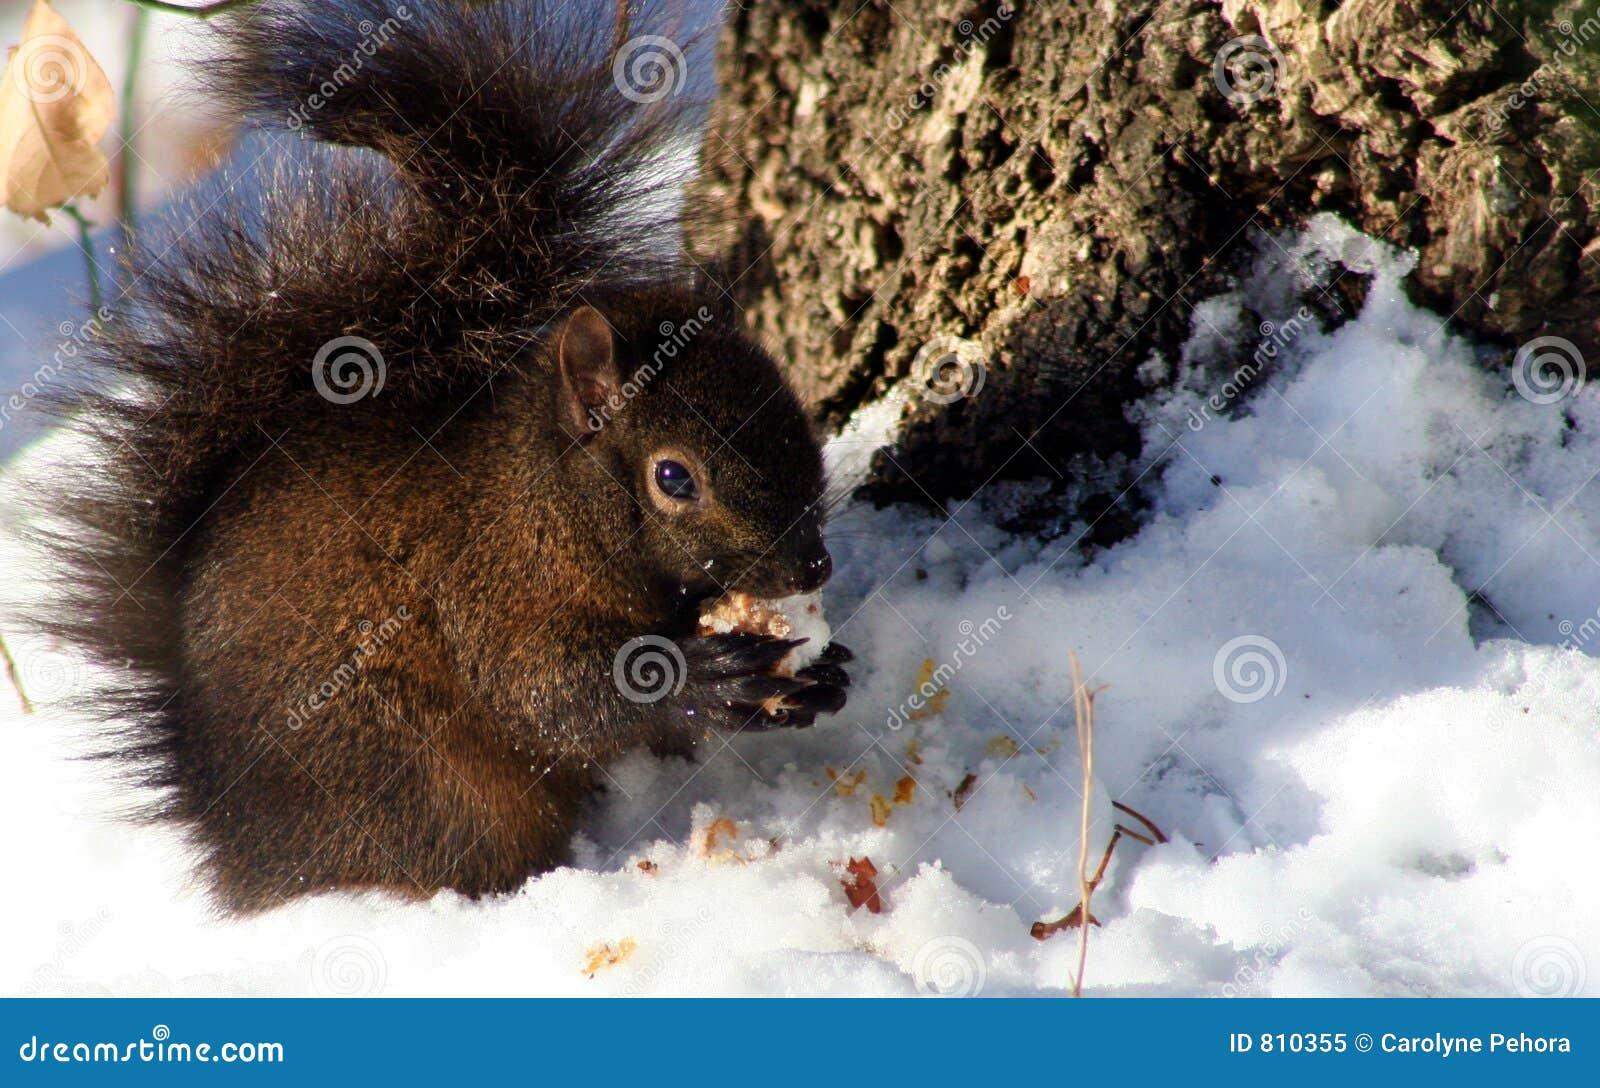 Scoiattolo di inverno fotografia stock libera da diritti - Animali in inverno clipart ...